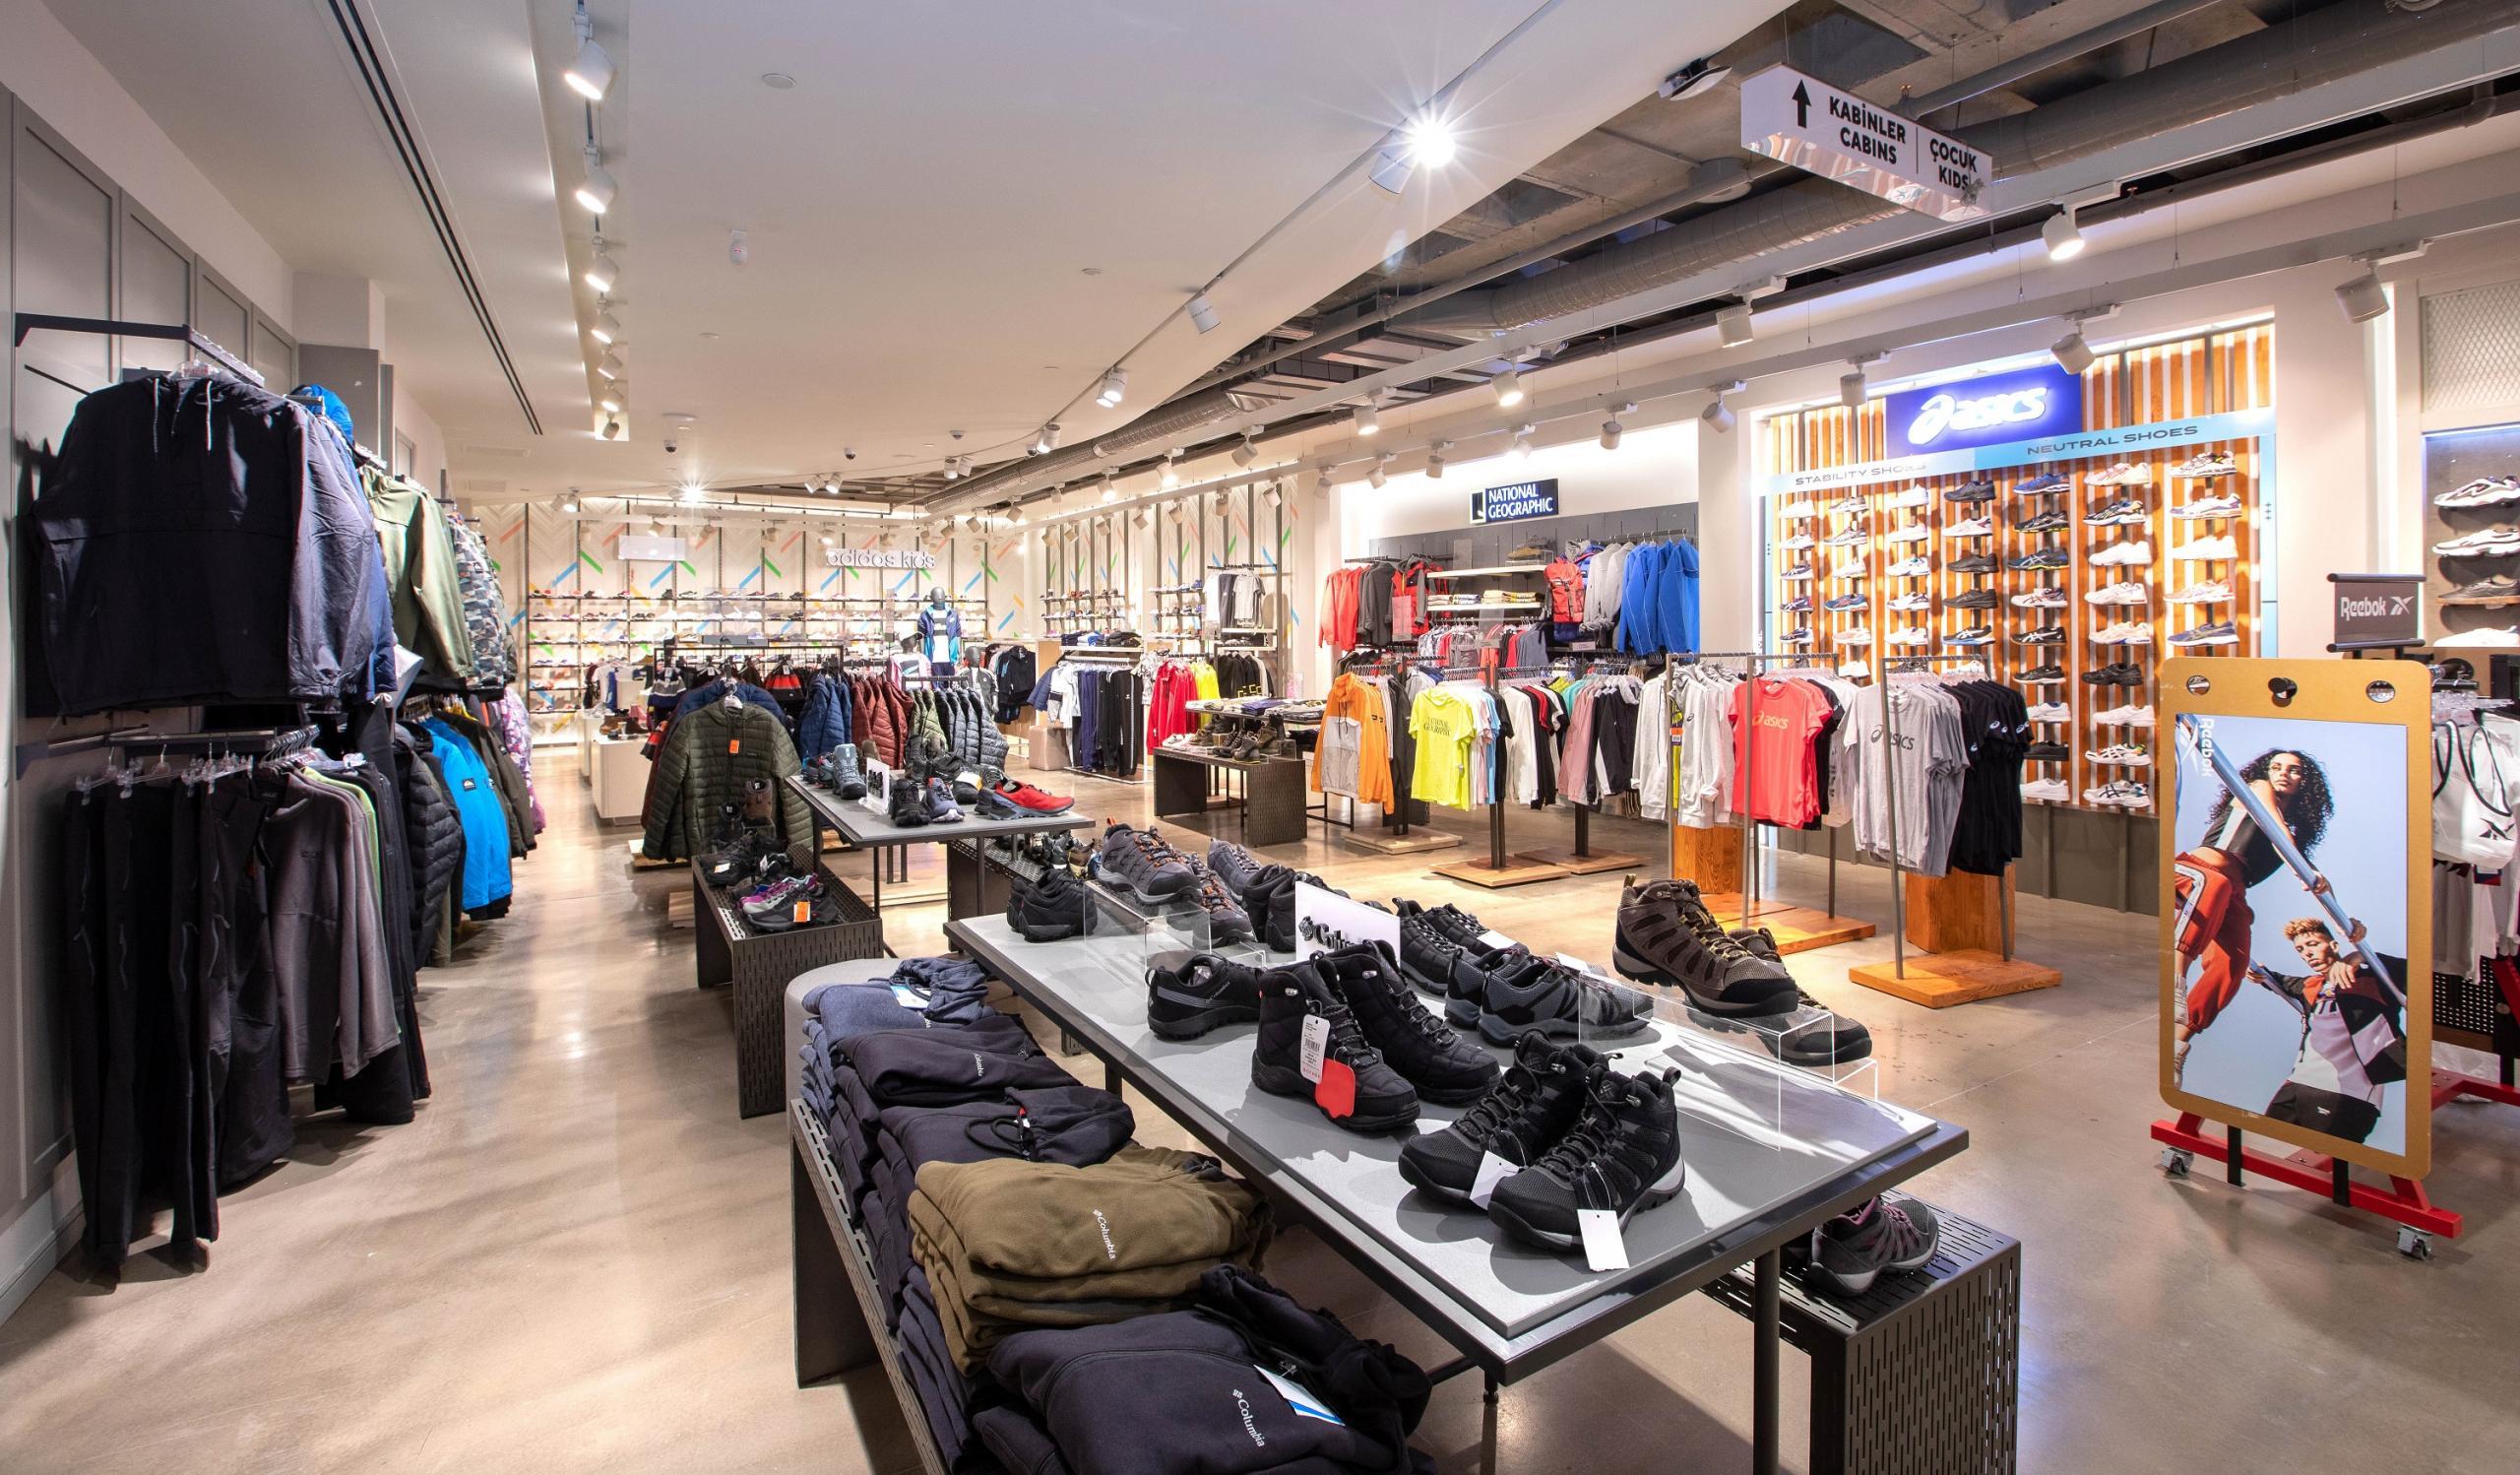 Boyner, İstiklal Caddesi'nde 5 katlı yeni mağazasını açtı BOYNER, İSTİKLAL'İN YENİ BULUŞMA NOKTASI OLACAK